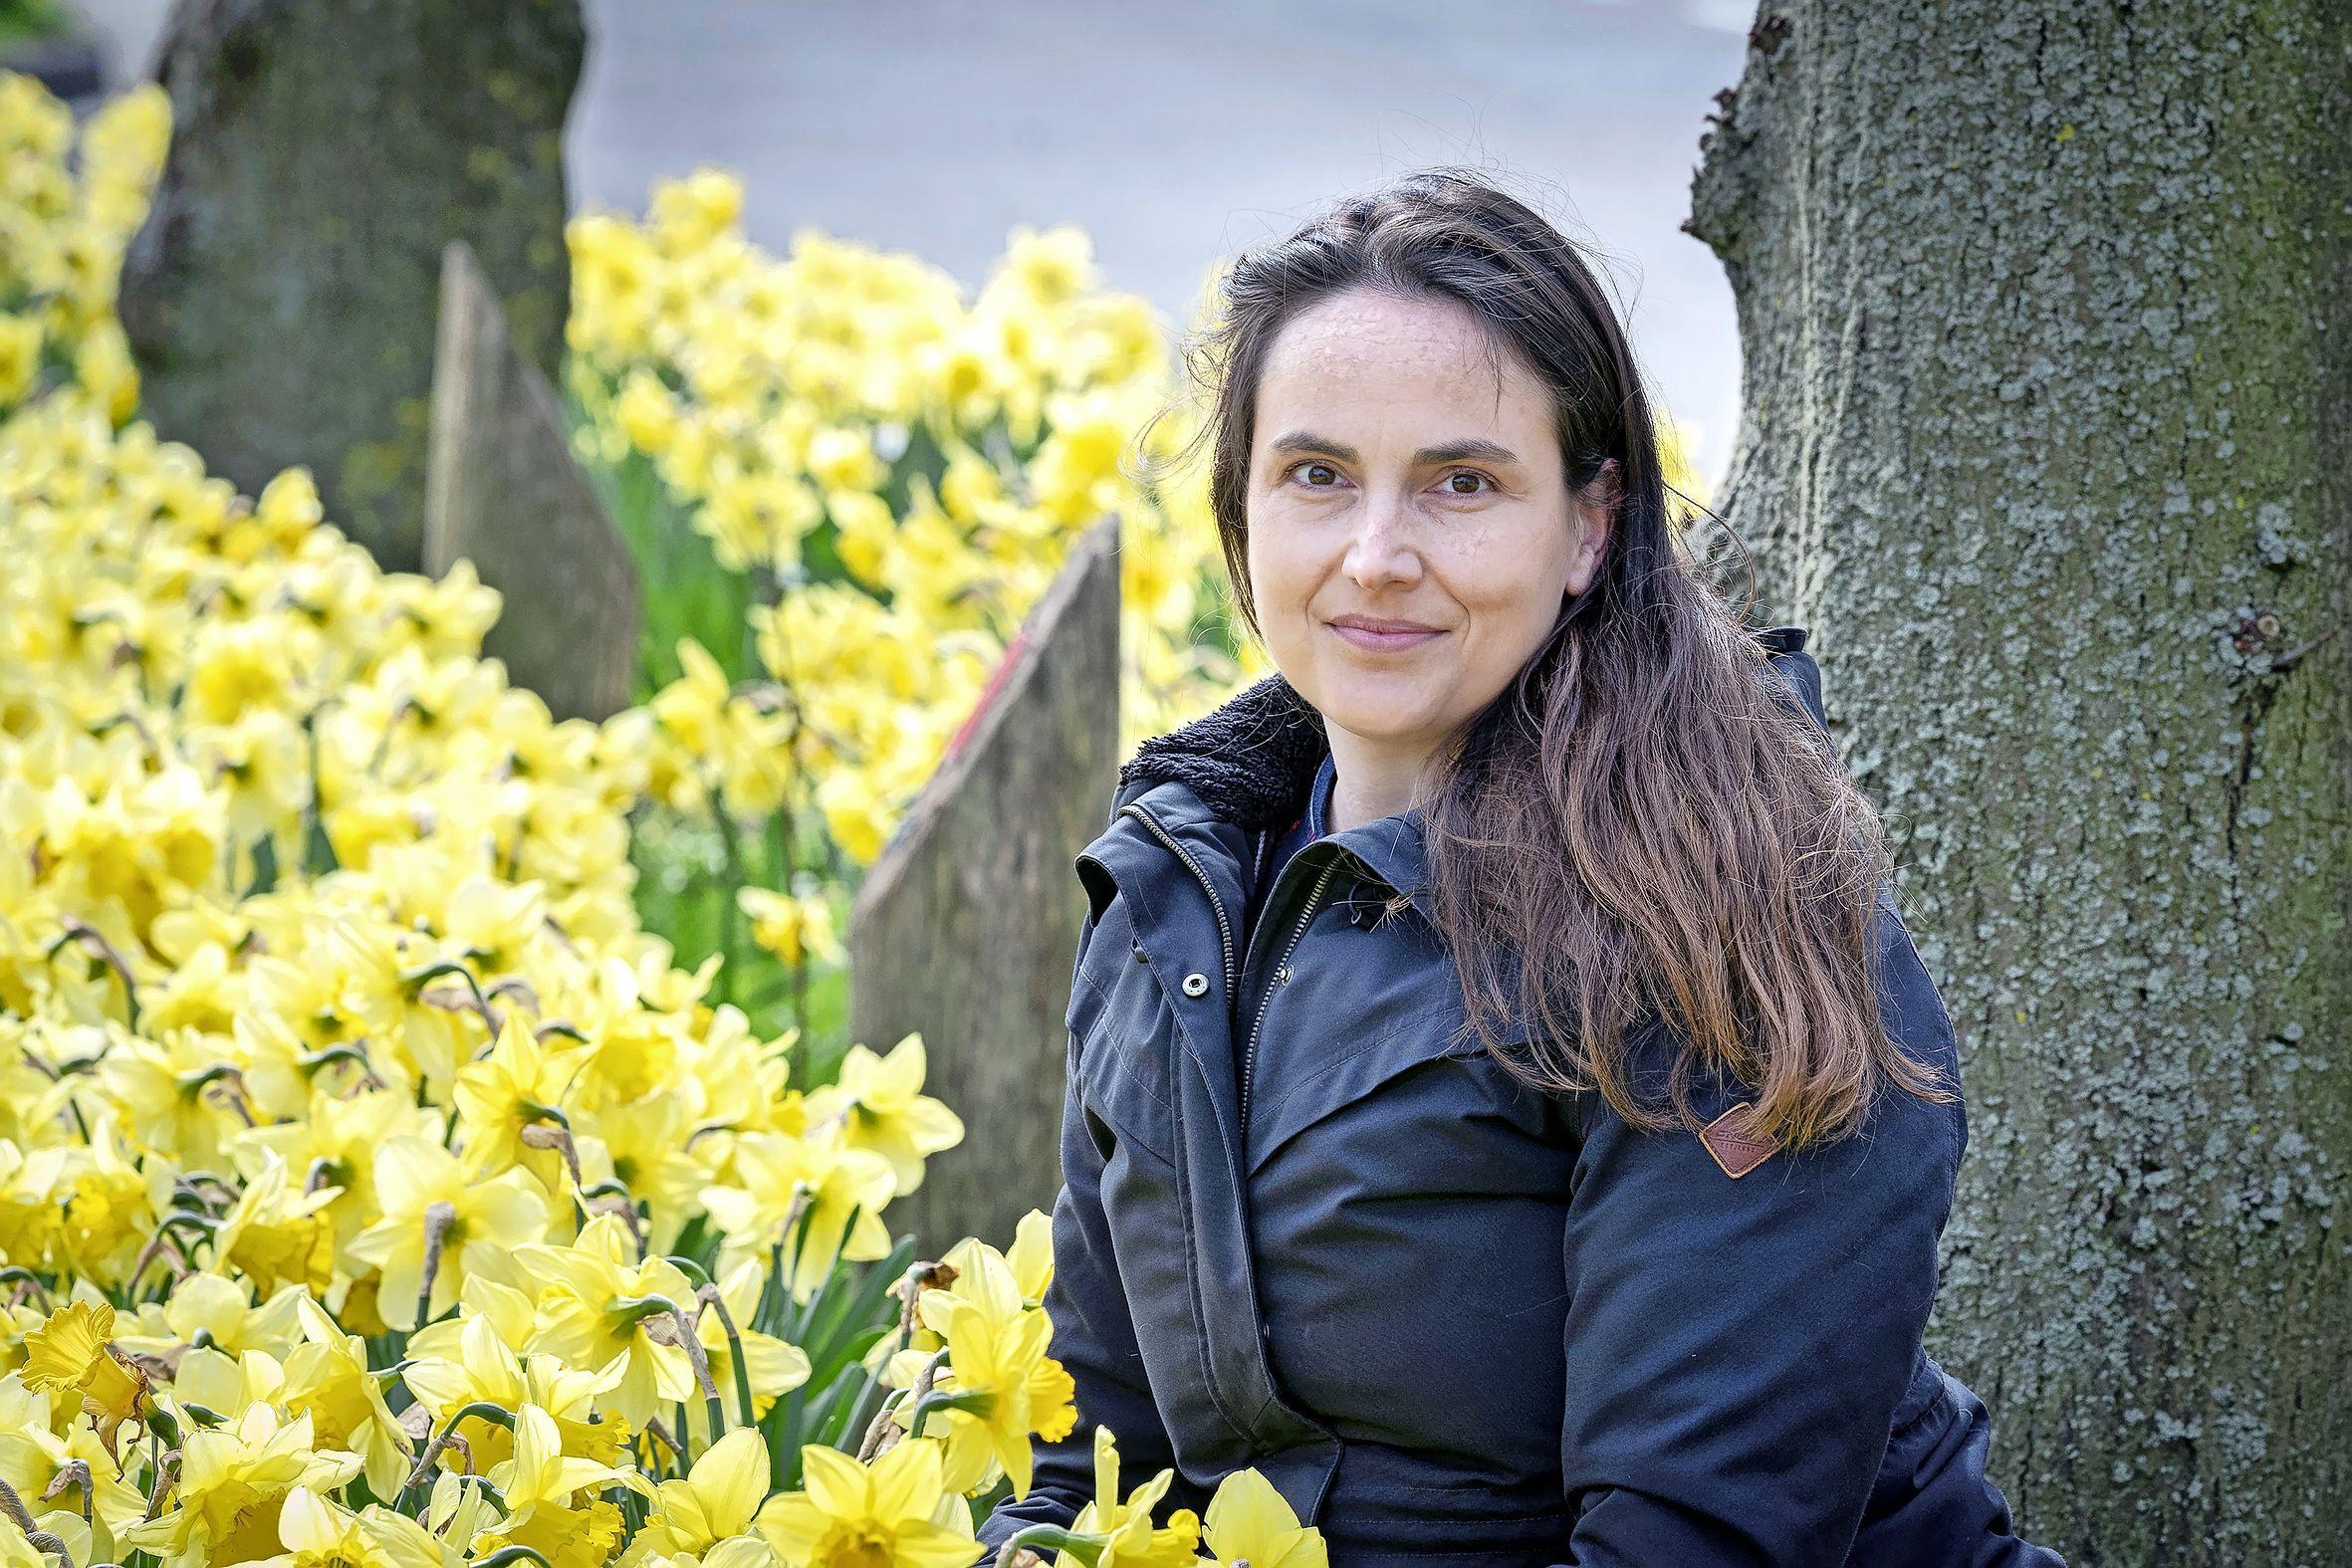 Tatjana (35) vecht voor erkenning covid-19: 'Patiënten met langdurig ziekteverloop voelen zich niet gehoord'